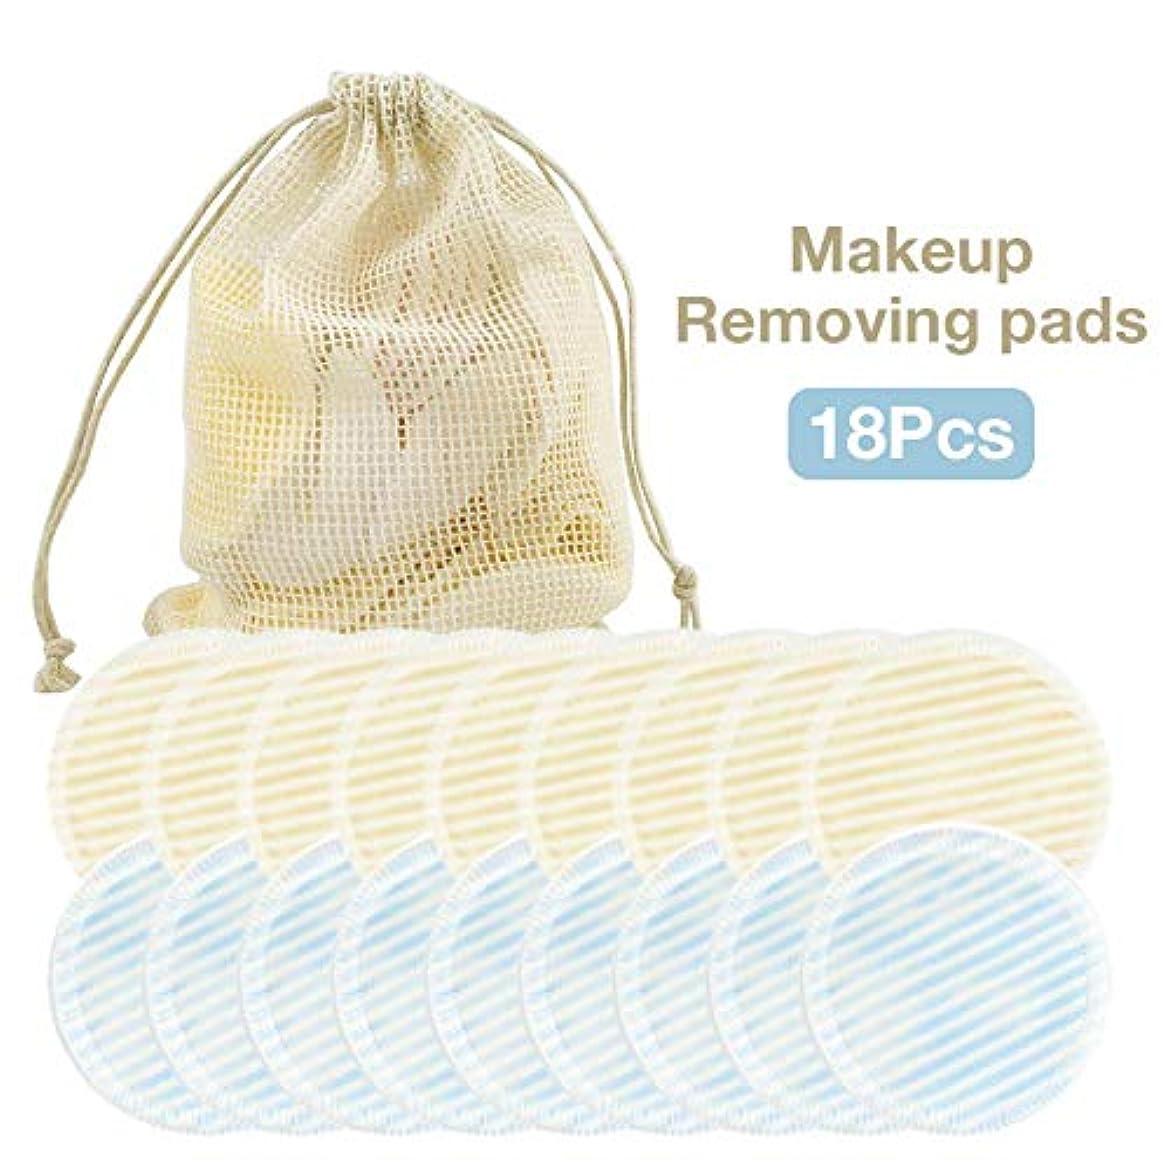 雲生き残ります含むコットンパッド、18個のクレンジングコットン再利用可能な竹化粧リムーバーパッド、洗えるとすべての肌タイプの環境に優しいフェイスクリーナーとアイメイクアップリムーバーパッド